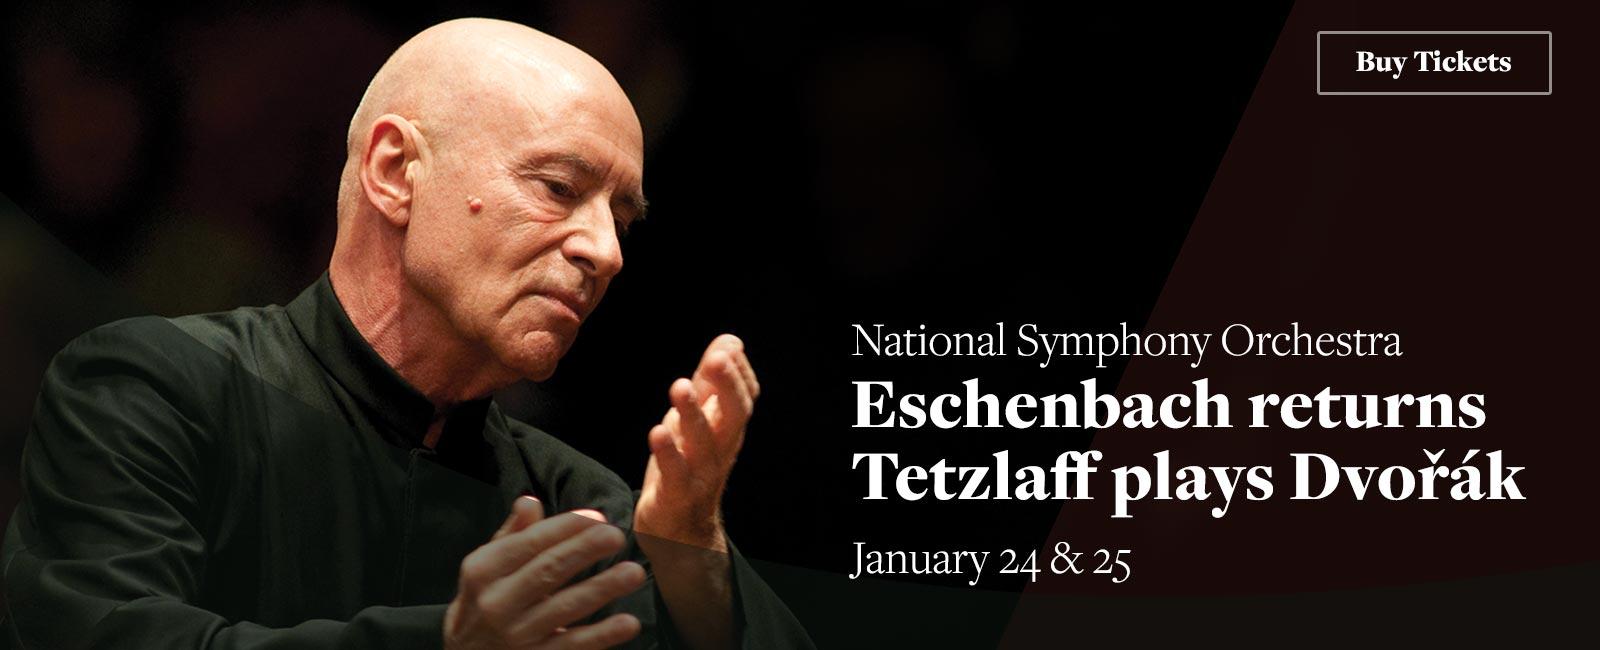 Eschenbach returns